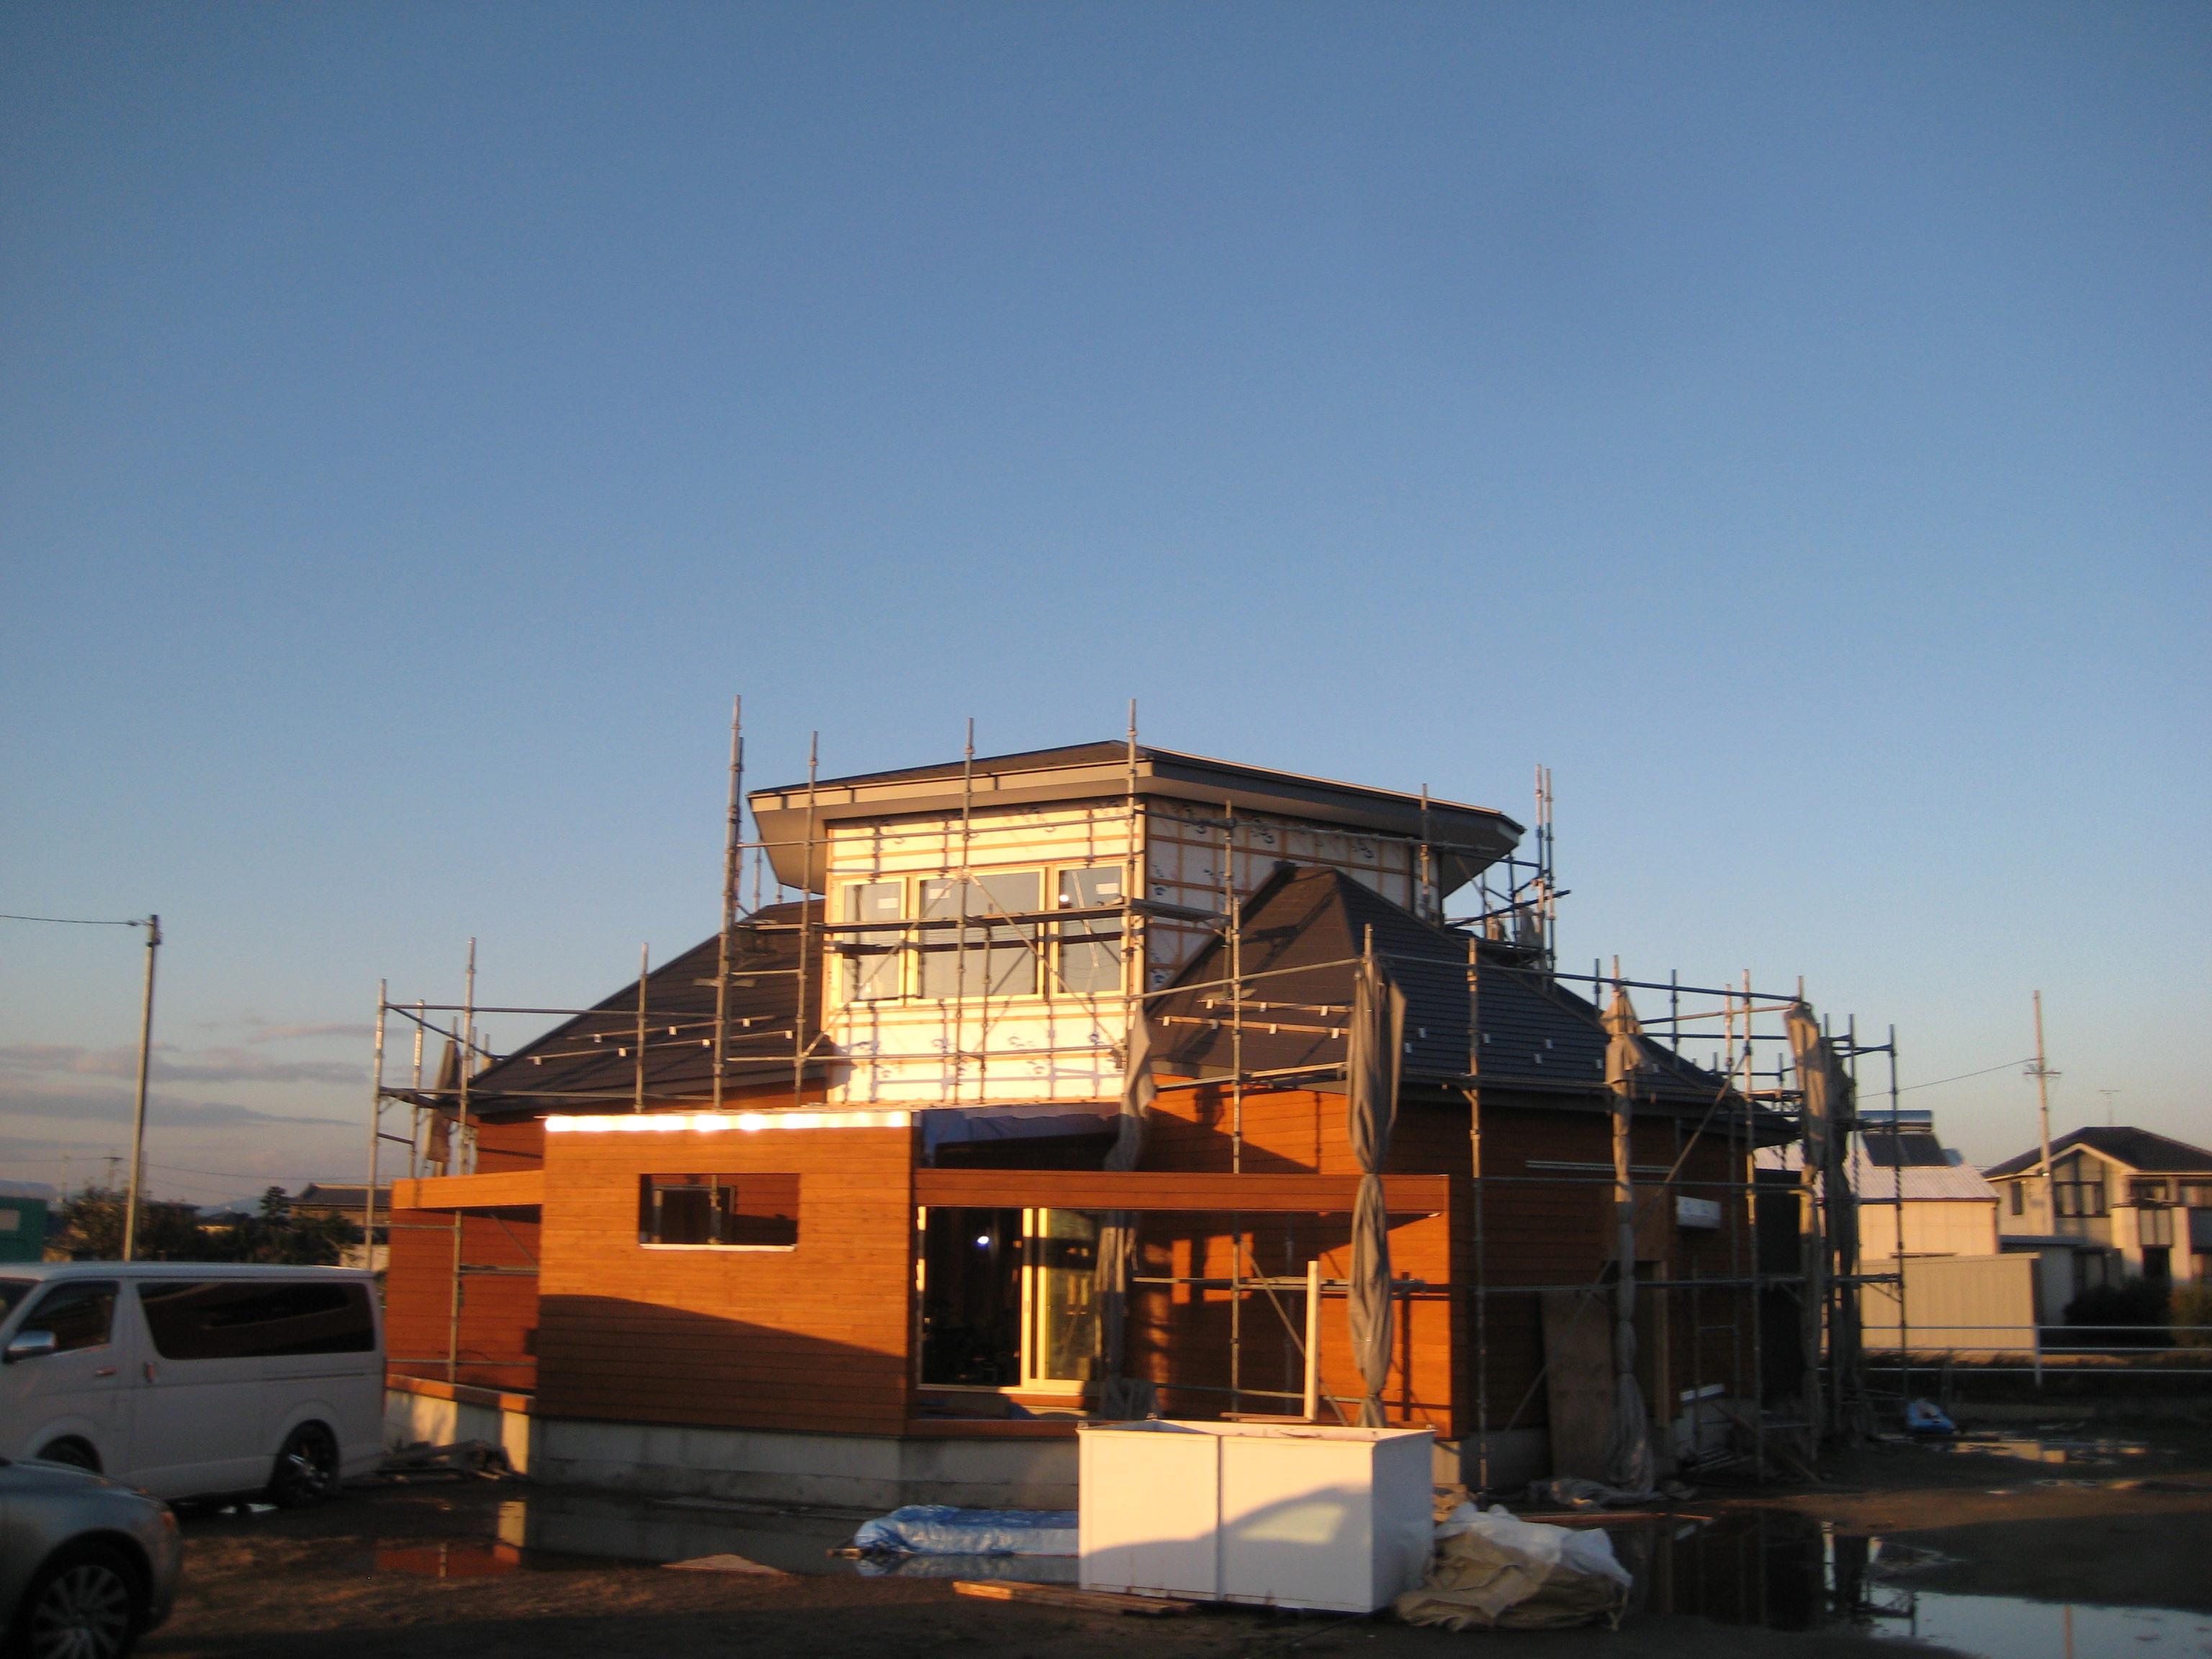 愛知県稲沢市「開花の家」木造住宅 夕日を浴びて綺麗です